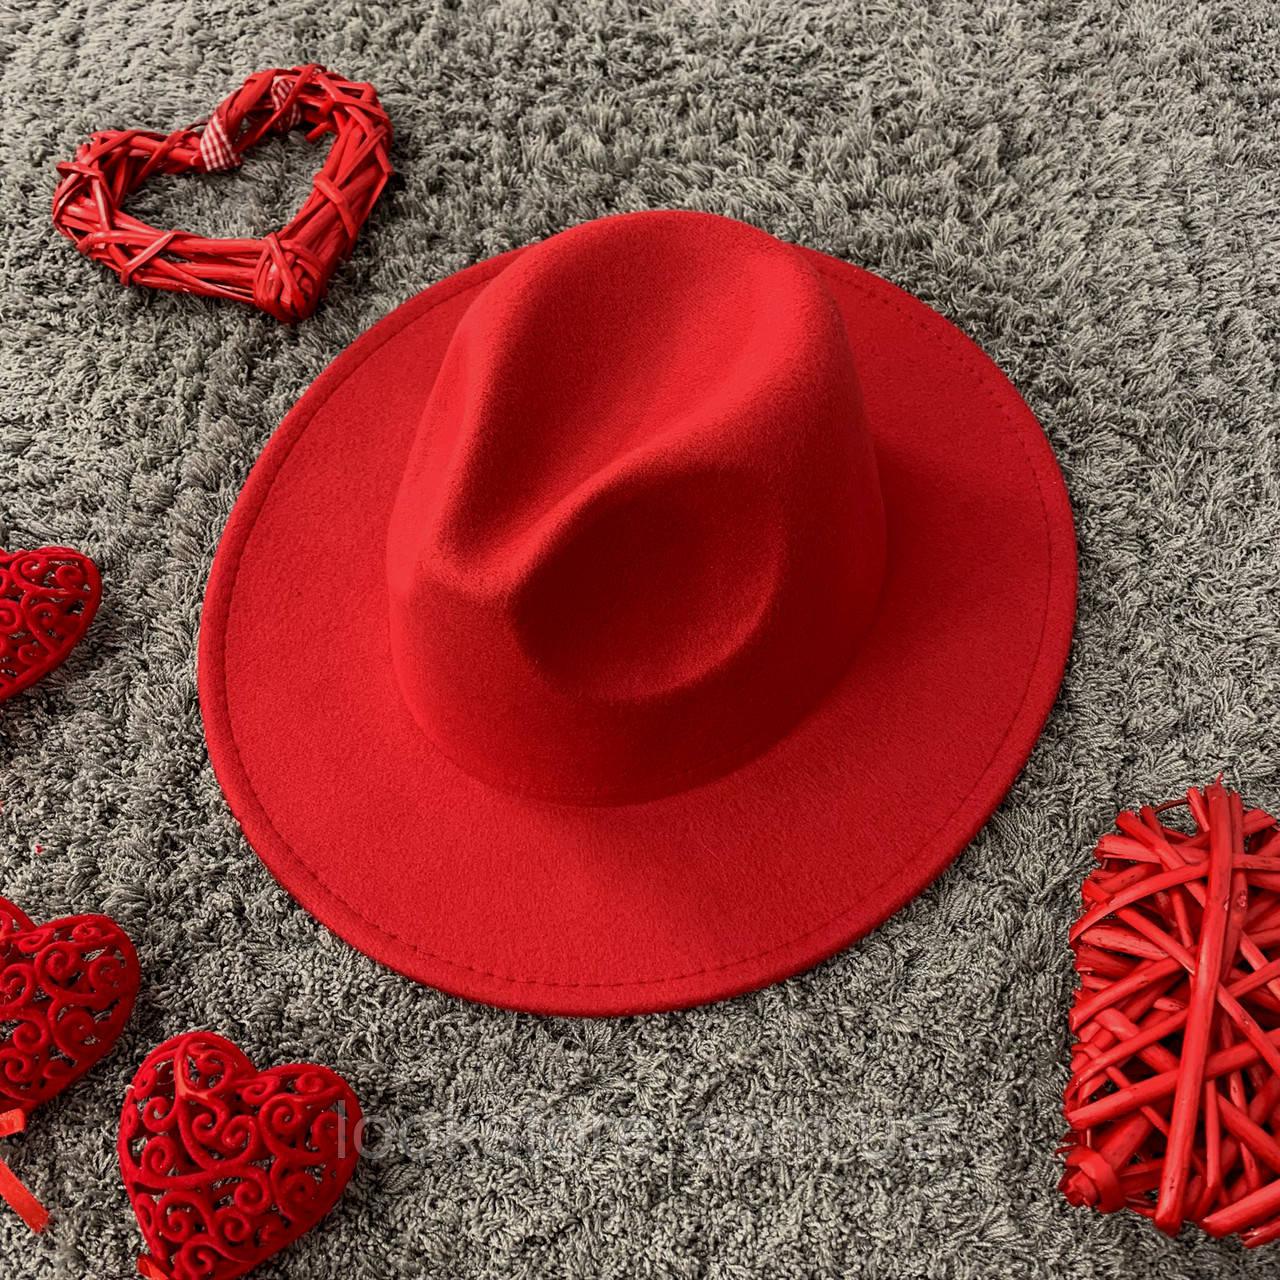 Шляпа Федора унисекс с устойчивыми полями красная